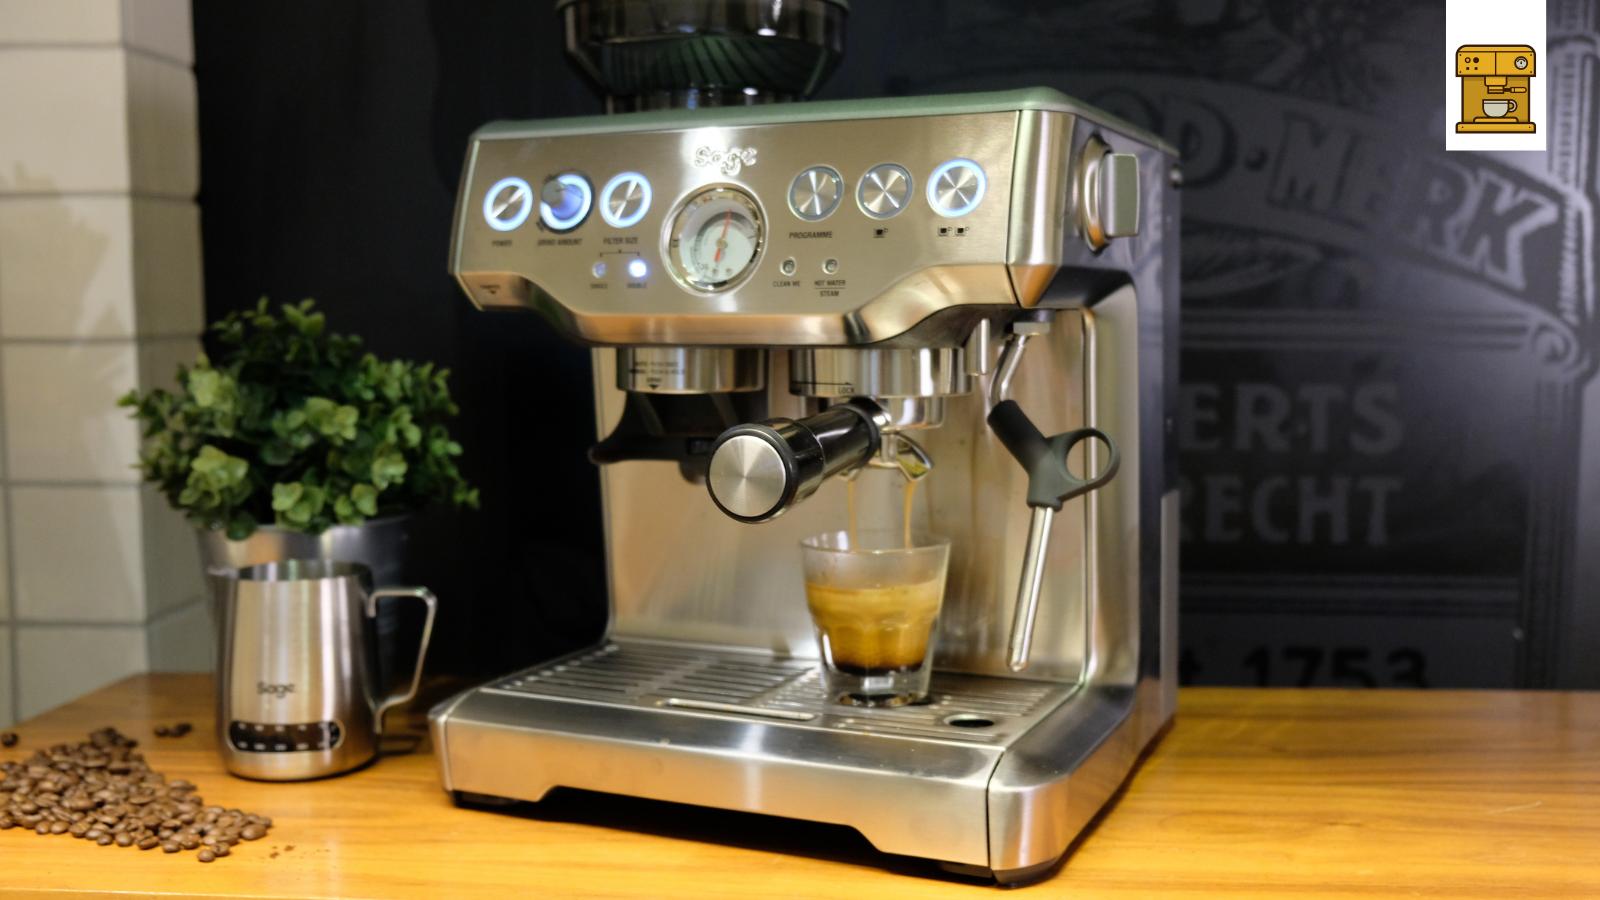 Espresso zetten met Sage koffiemachine